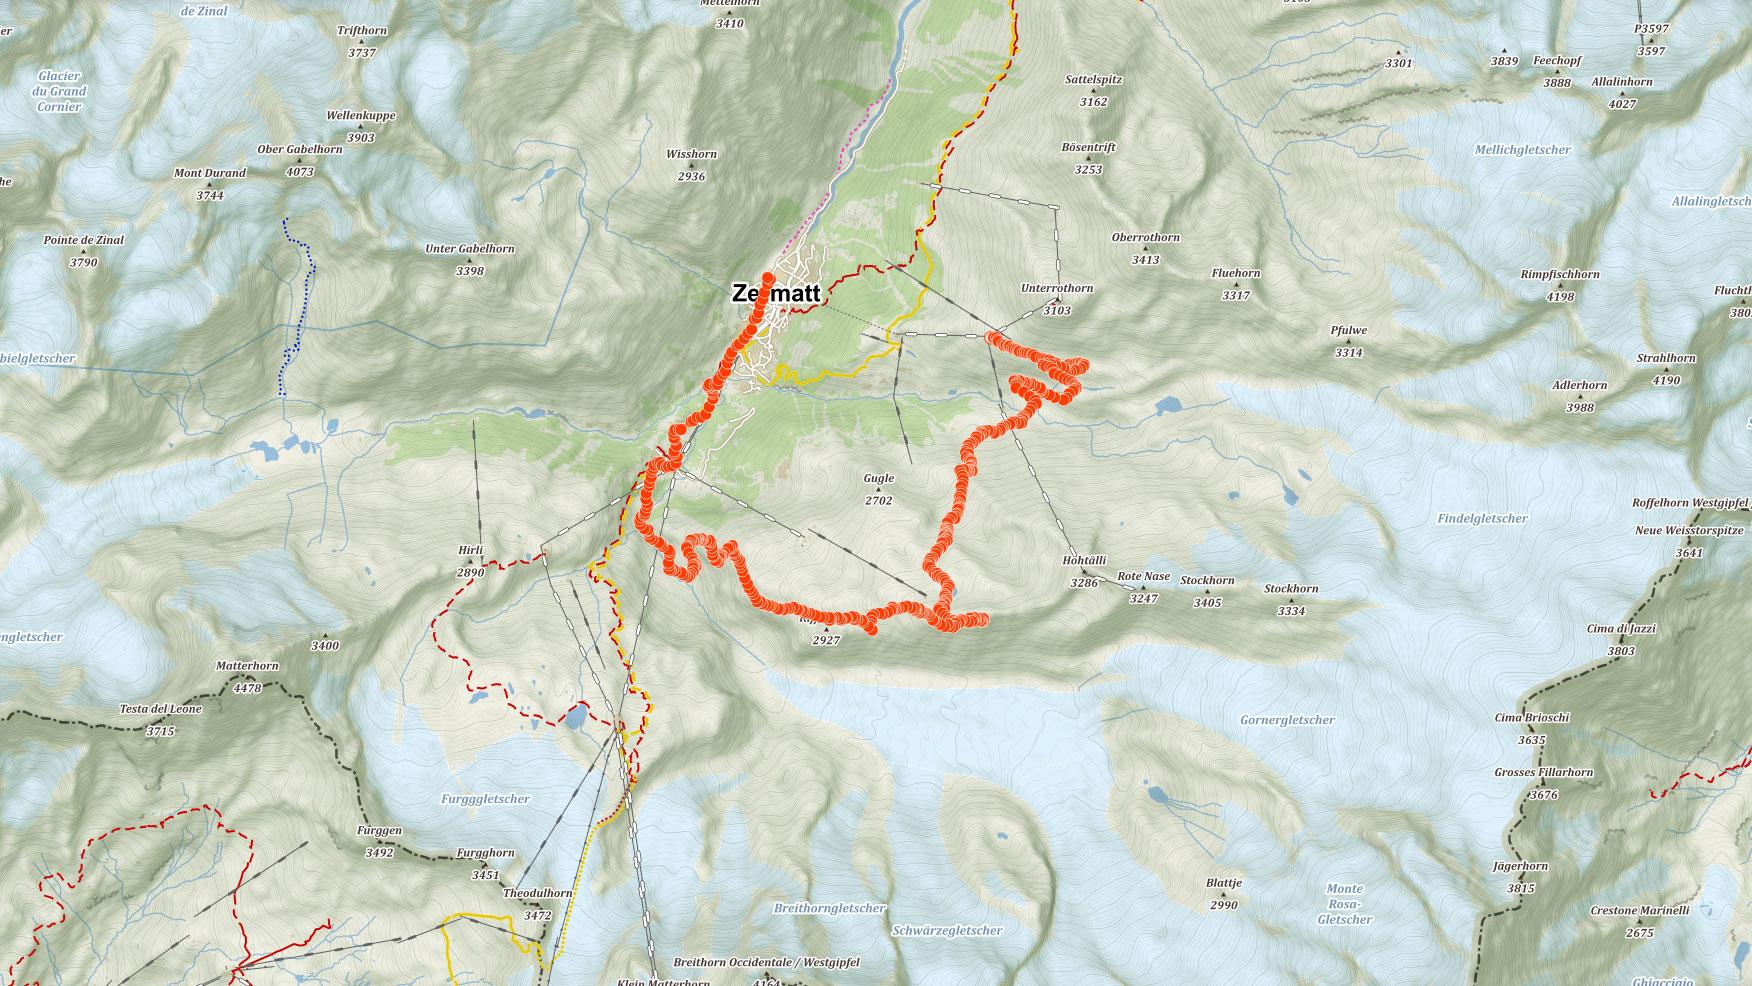 Mapa výletu kolem Matterhornu po treku pěti jezer a na Gornergrat ve Švýcarsku